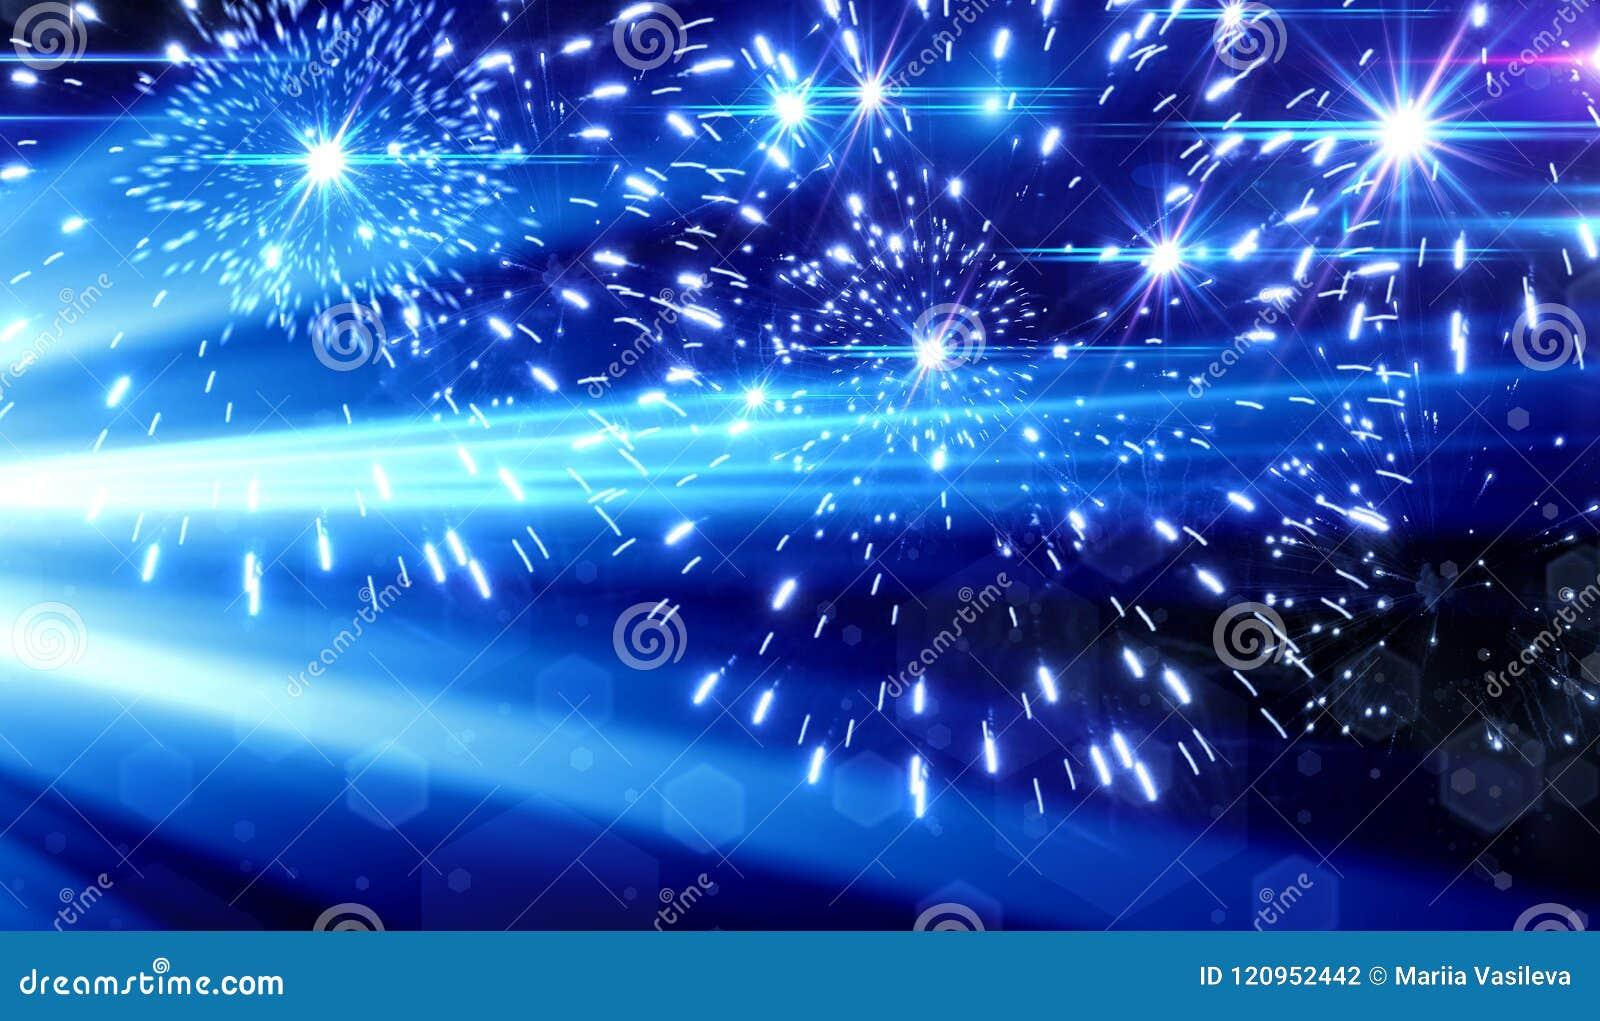 Blauw lichteffect voor zwarte achtergrond, laserstralen, flitslicht,